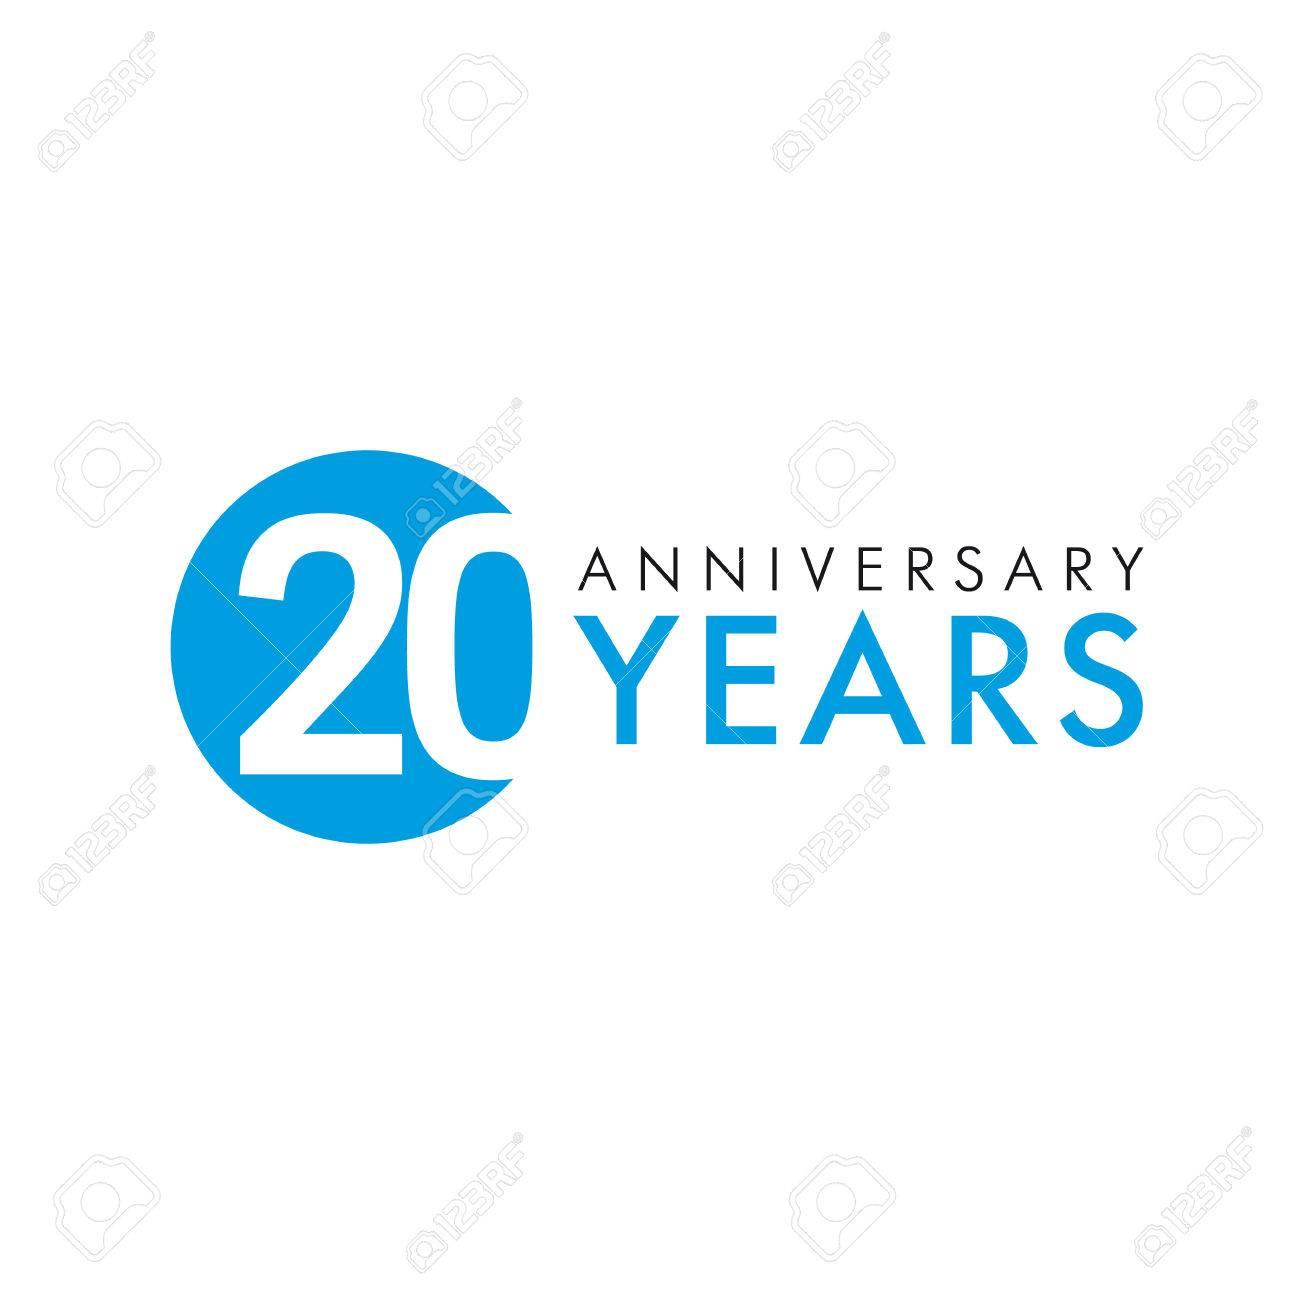 Logo Rond âgé De 20 Ans Année Danniversaire Des Numéros De Bannière De Vecteur 20 E Cercle De Voeux Danniversaire Célèbre Célébrer Les